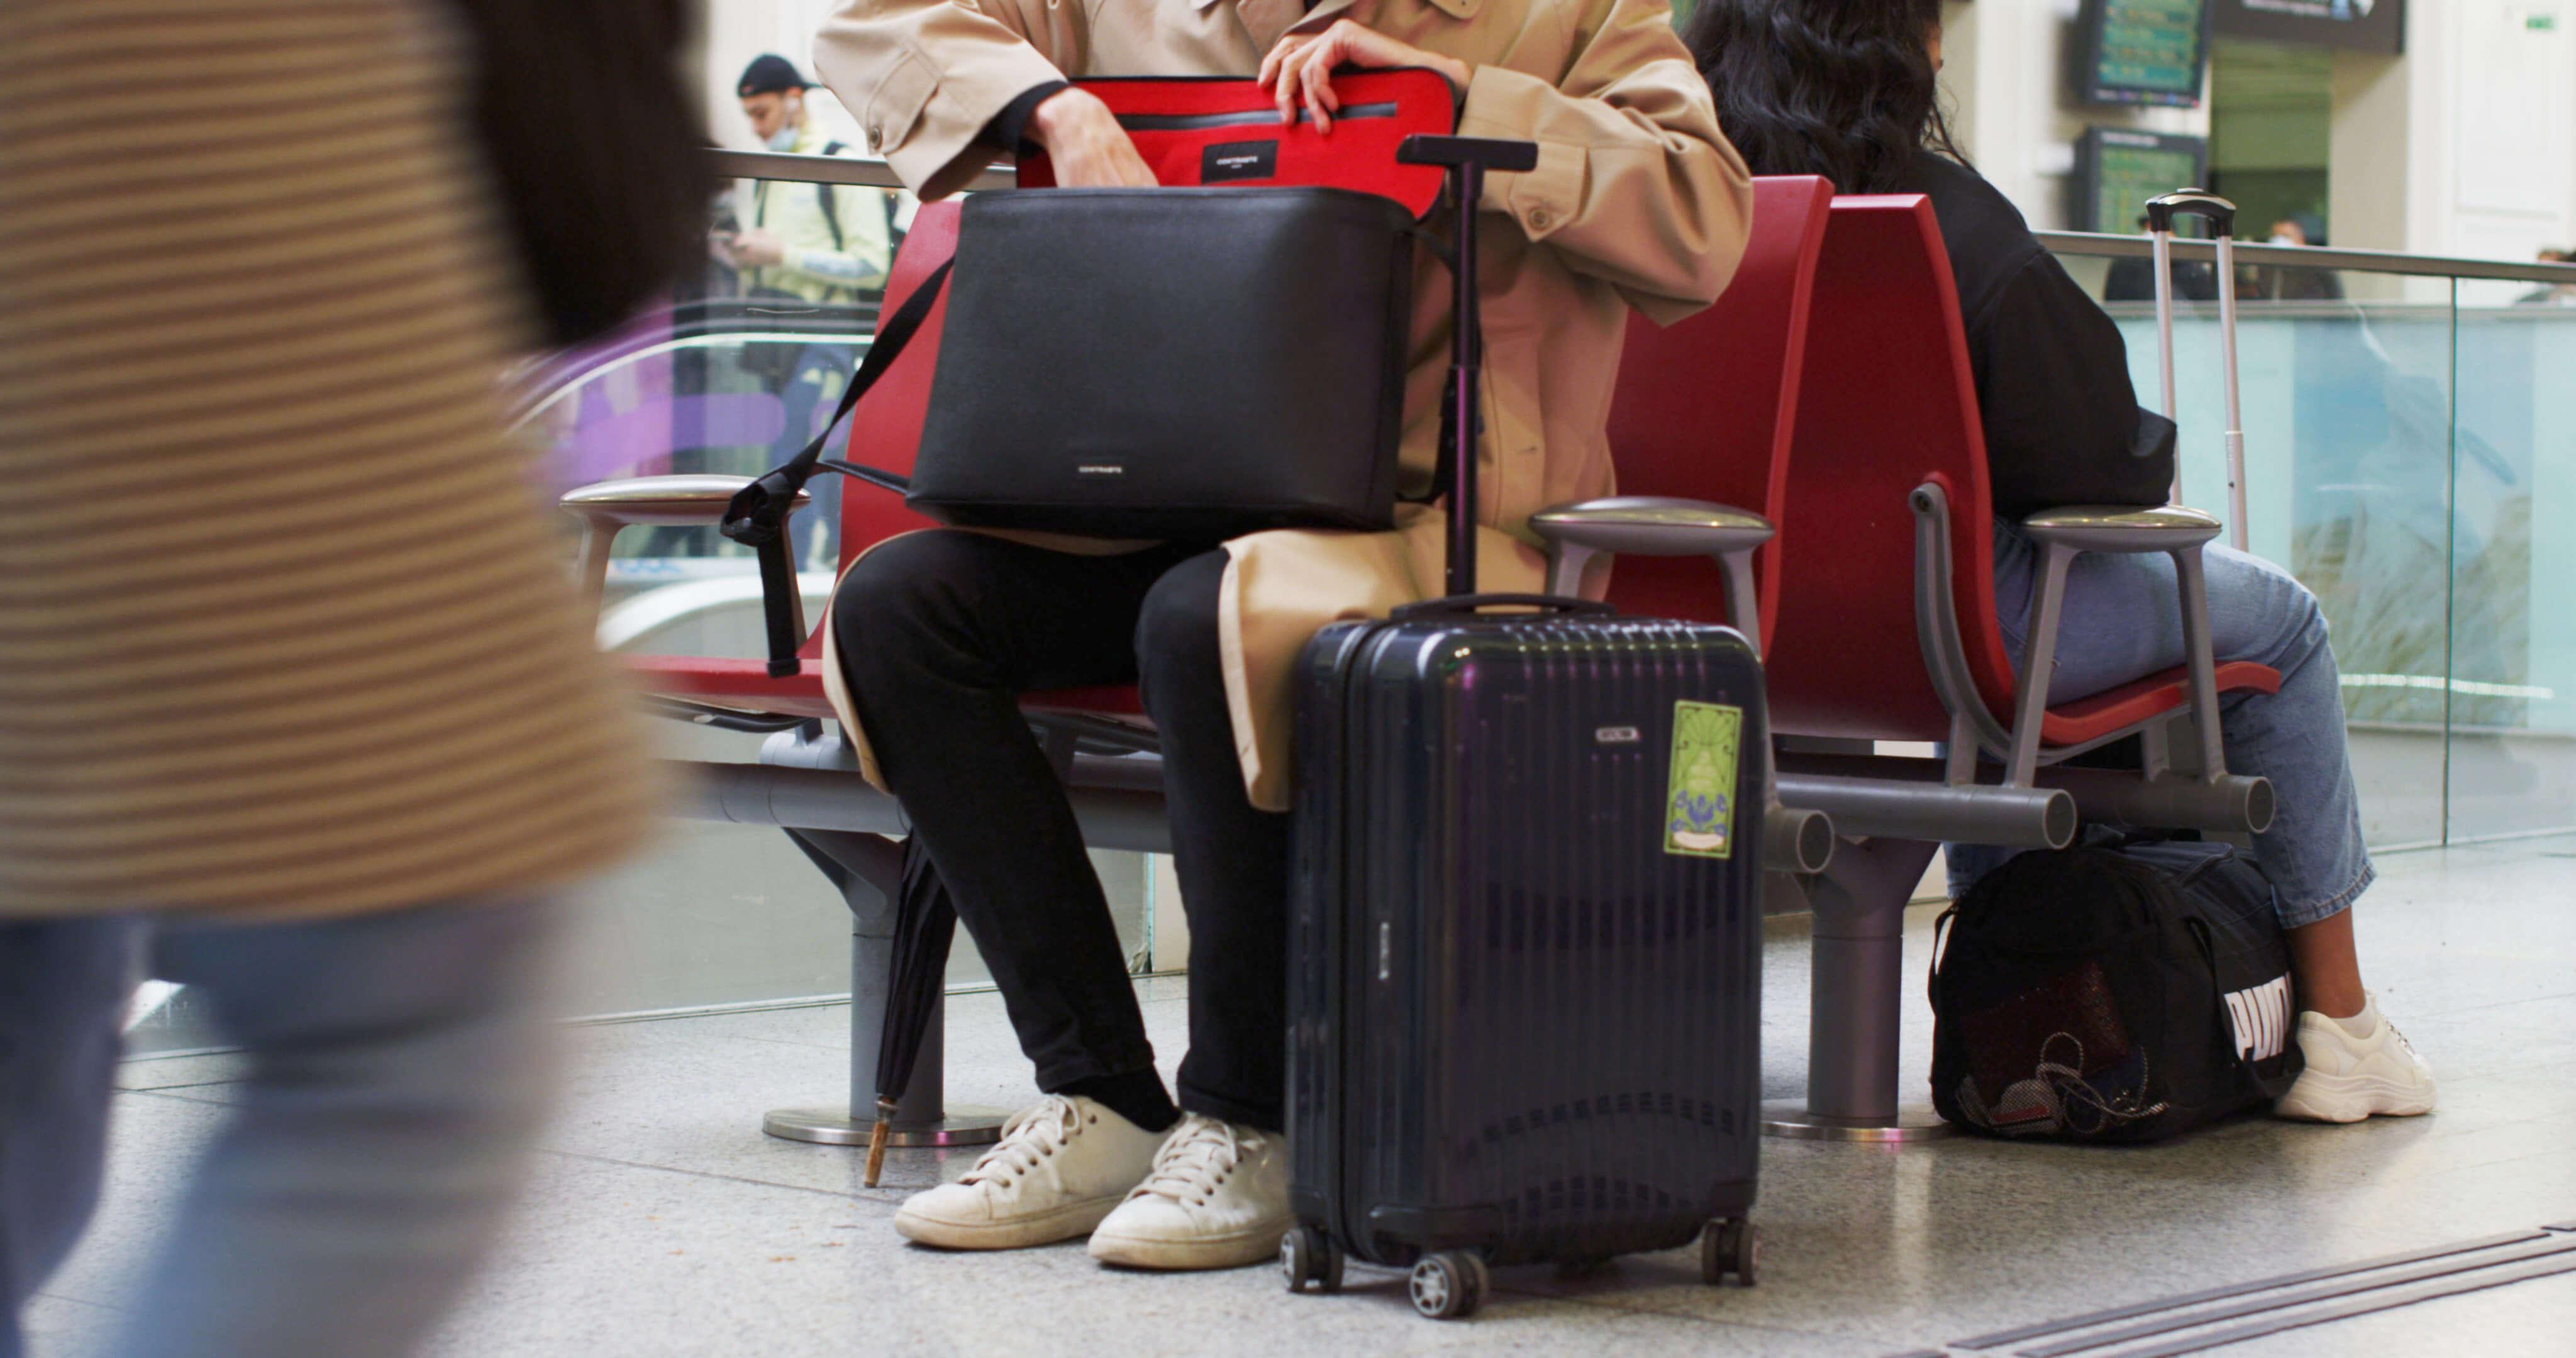 sac photo bandoulière contraste paris cuir noir étanche voyage photographe compact messenger leica ordinateur femme randonnée messenger gare